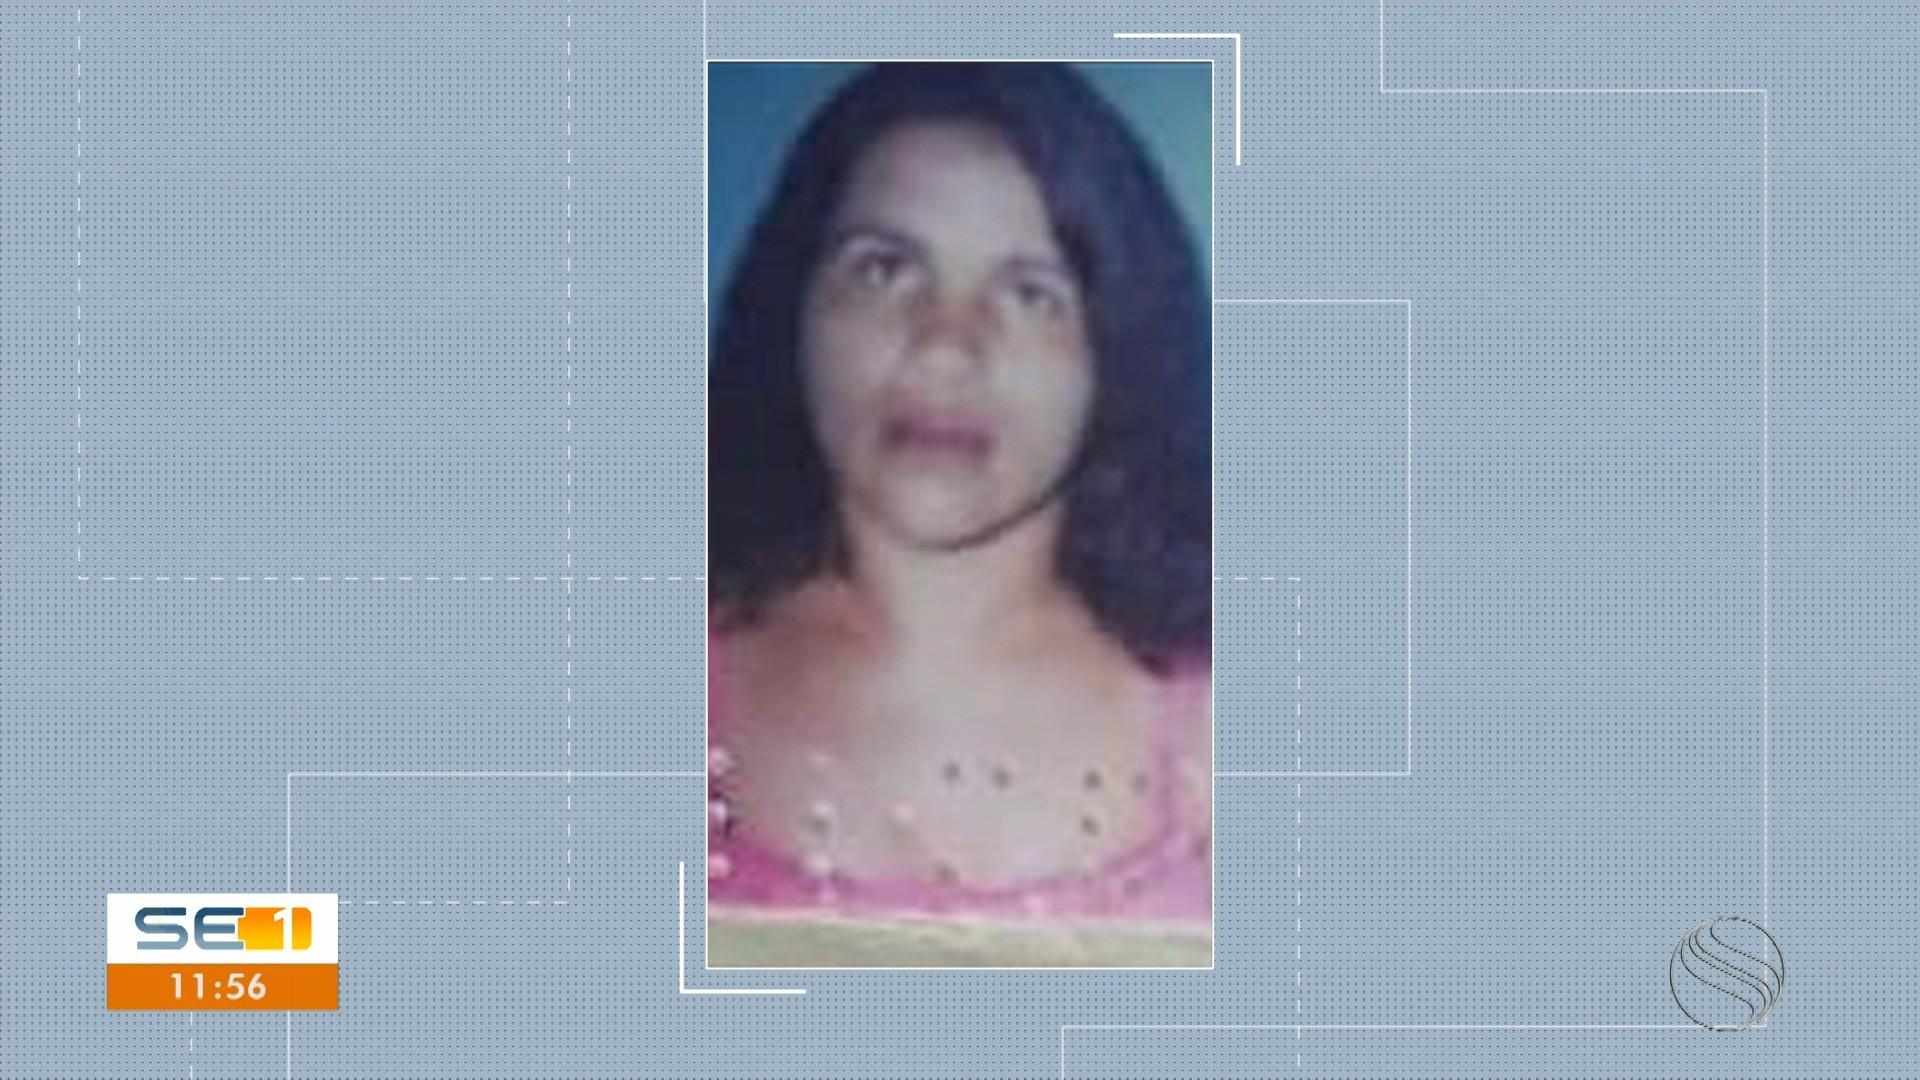 Jovem é amarrado com fios e executado com tiros na cabeça; corpo foi encontrado em matagal - Notícias - Plantão Diário